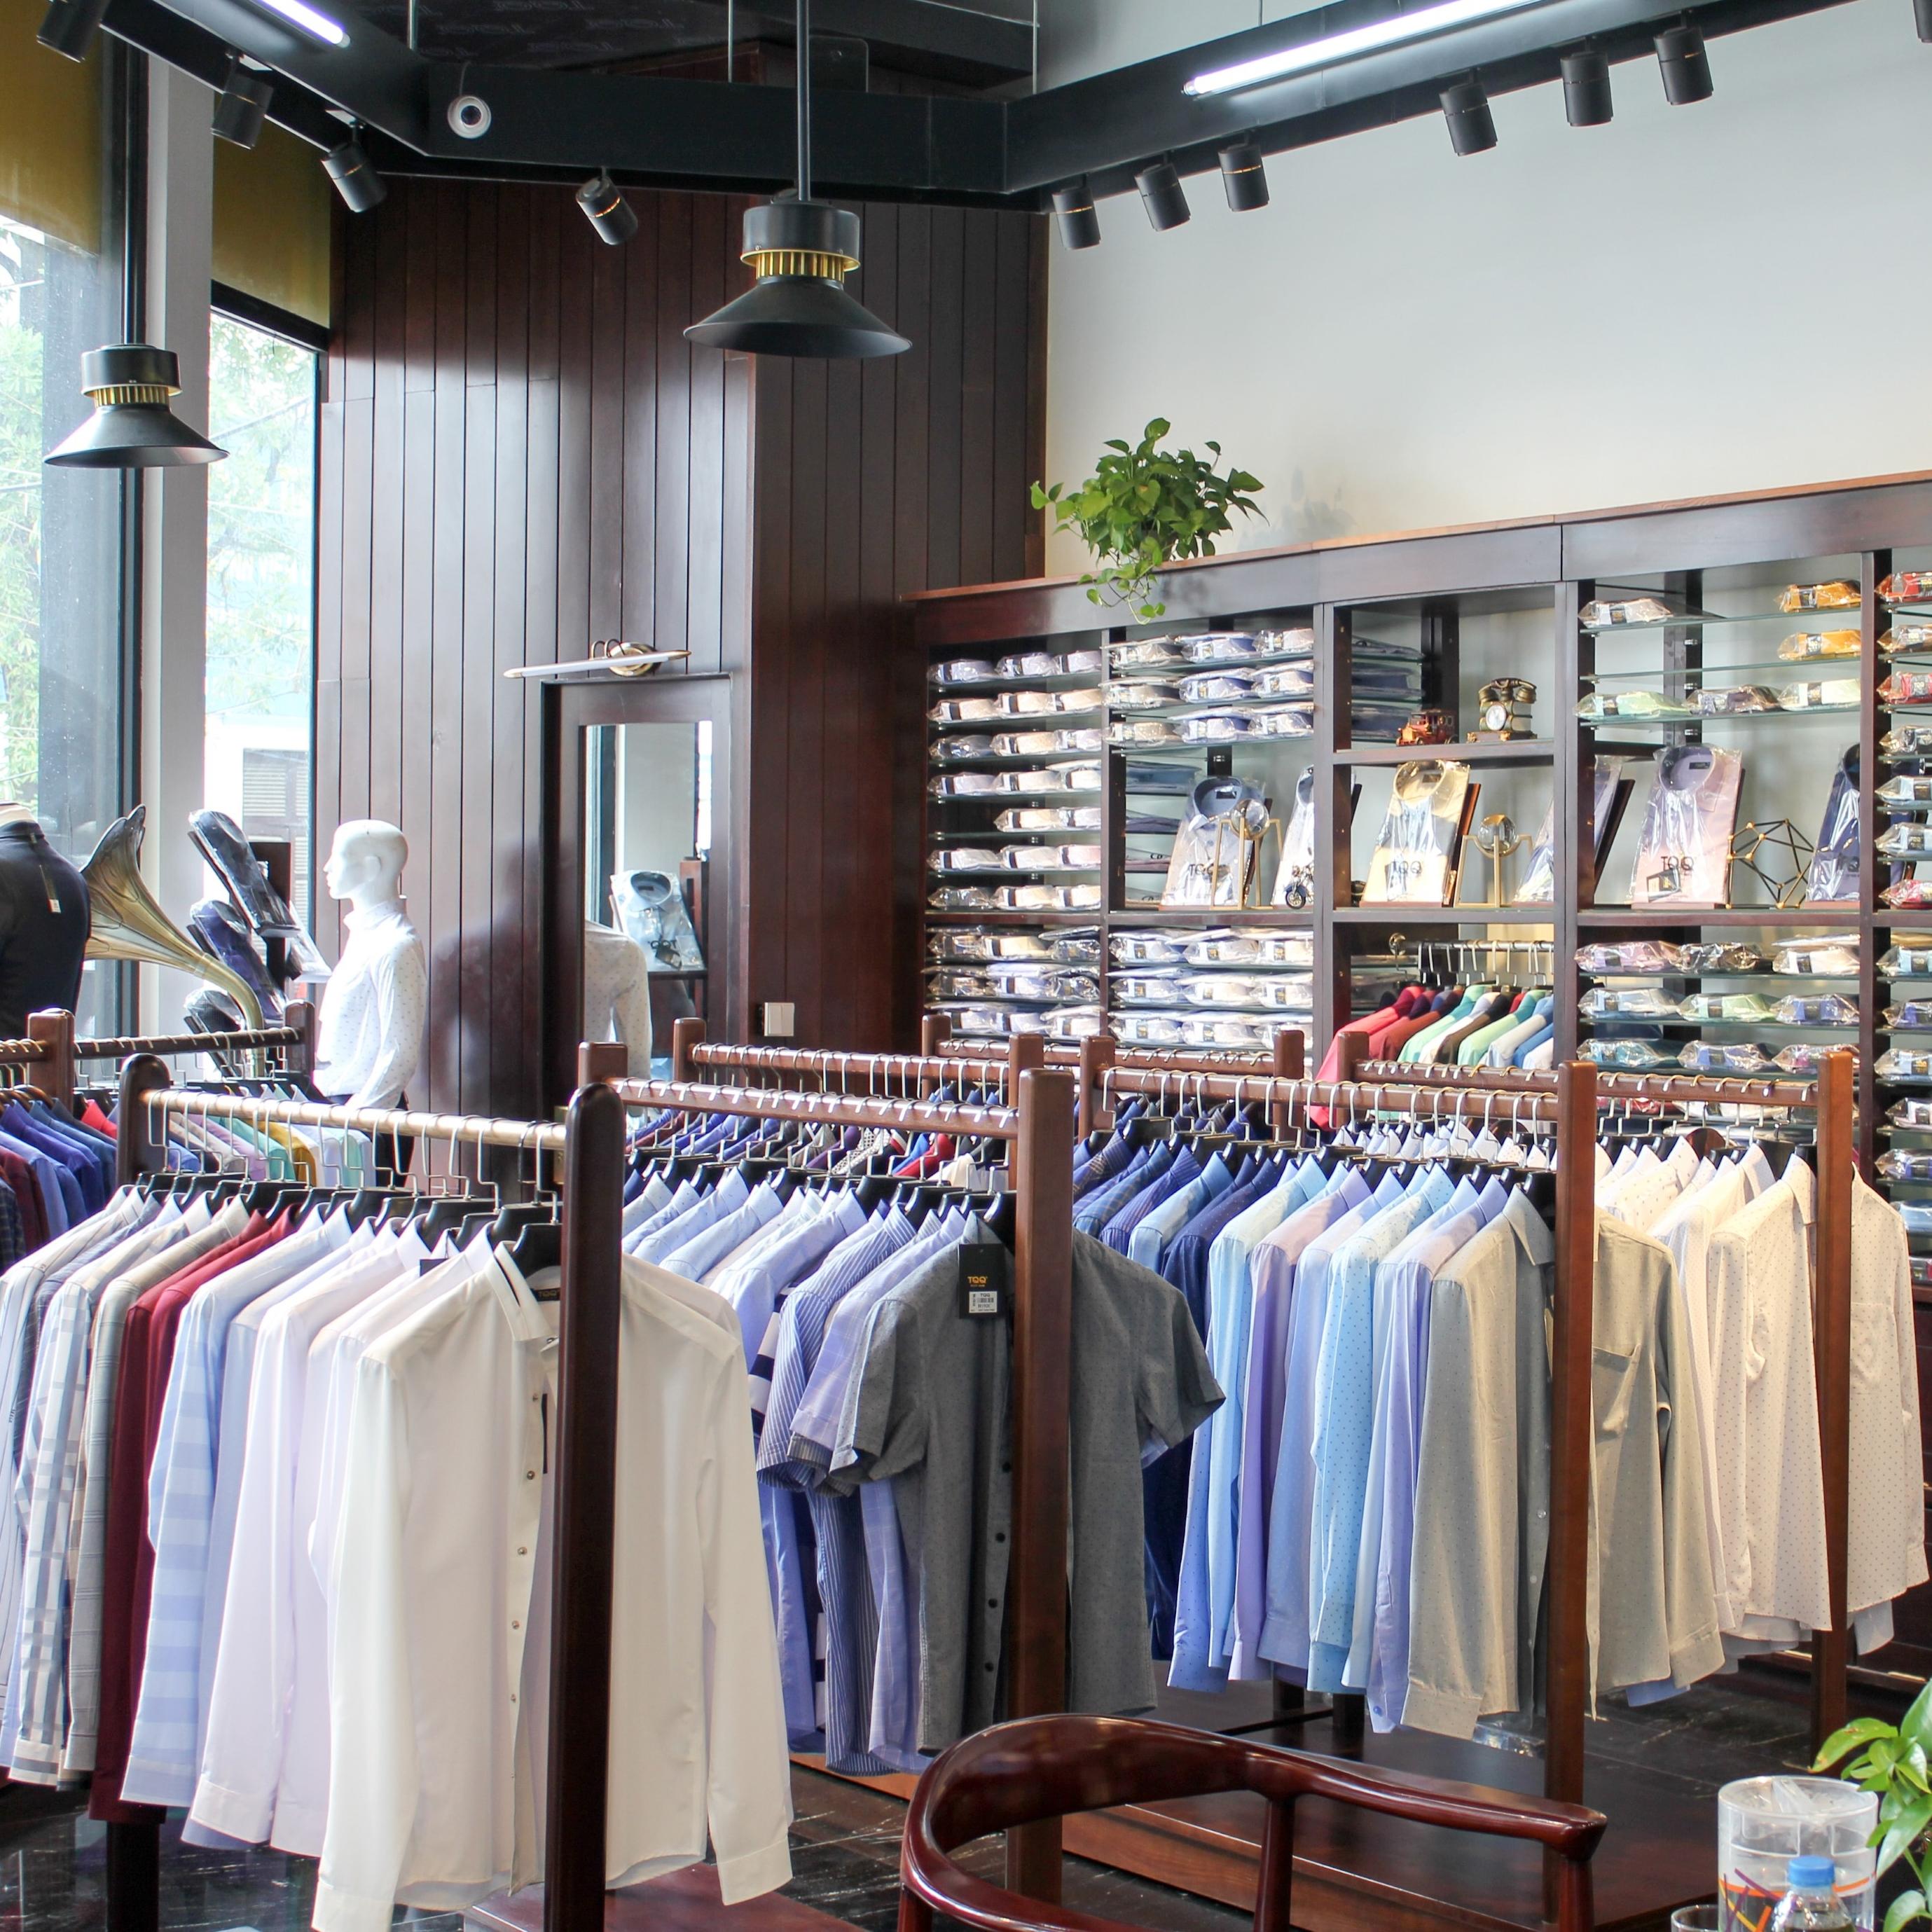 TQQ - Địa chỉ cung cấp áo sơ mi nam, đồ công sở hàng đầu hiện nay